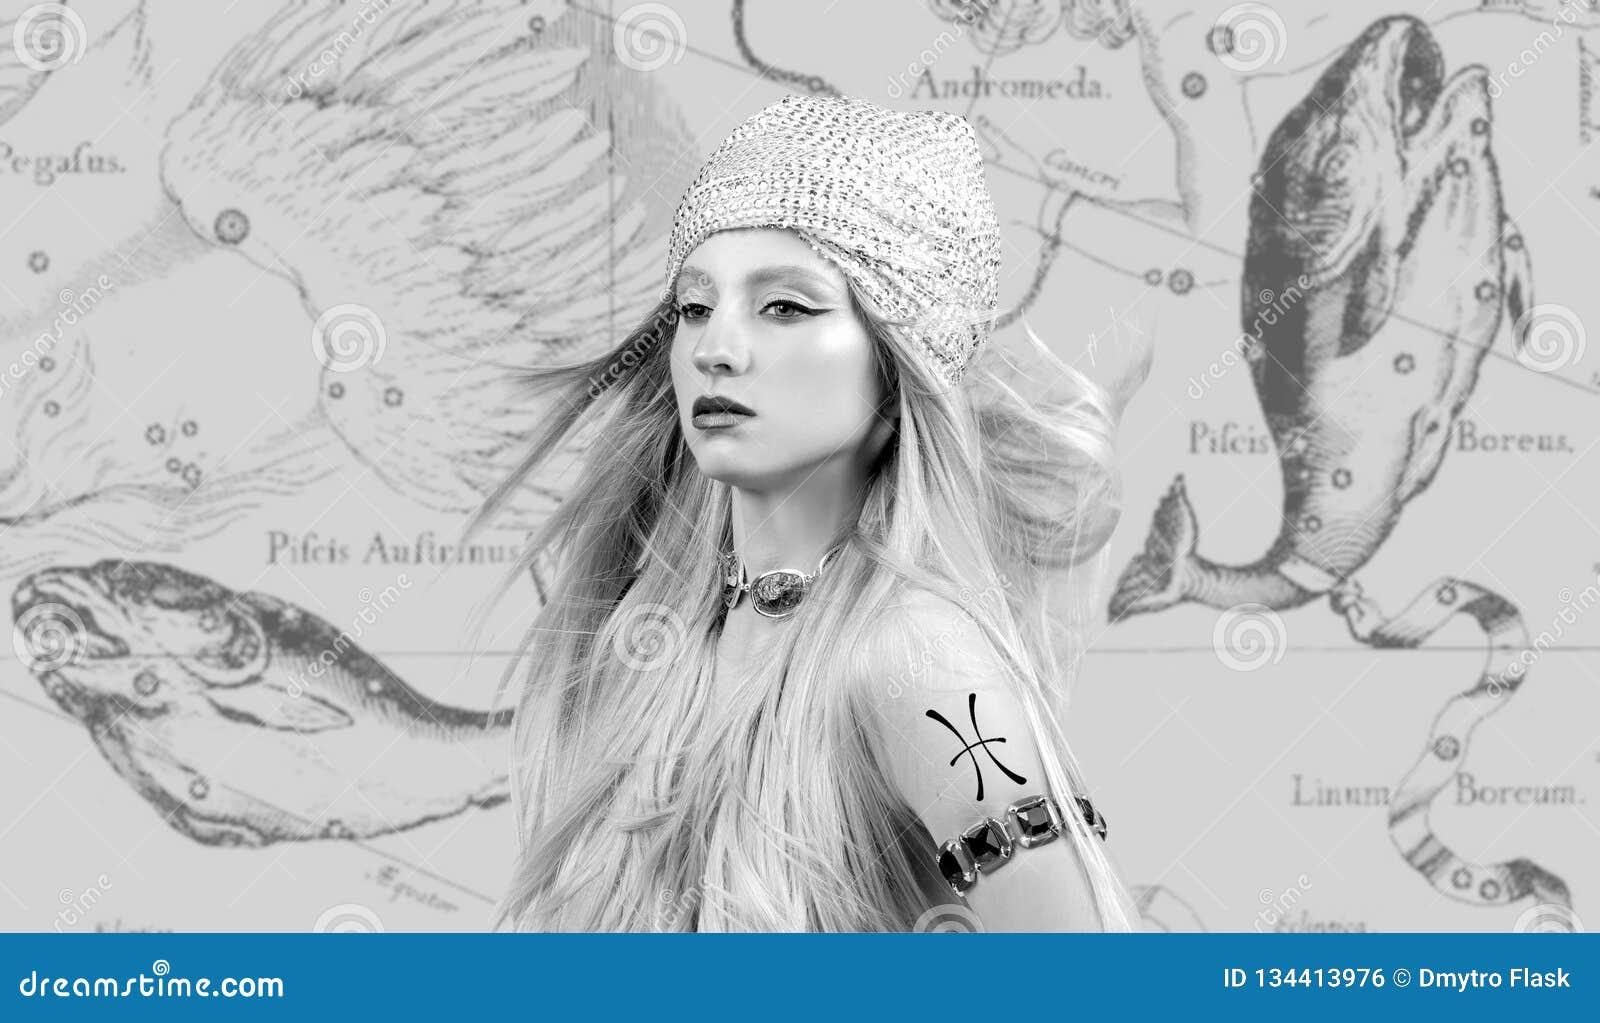 Horoscope Signe de zodiaque de Poissons, belle femme Poissons sur la carte de zodiaque